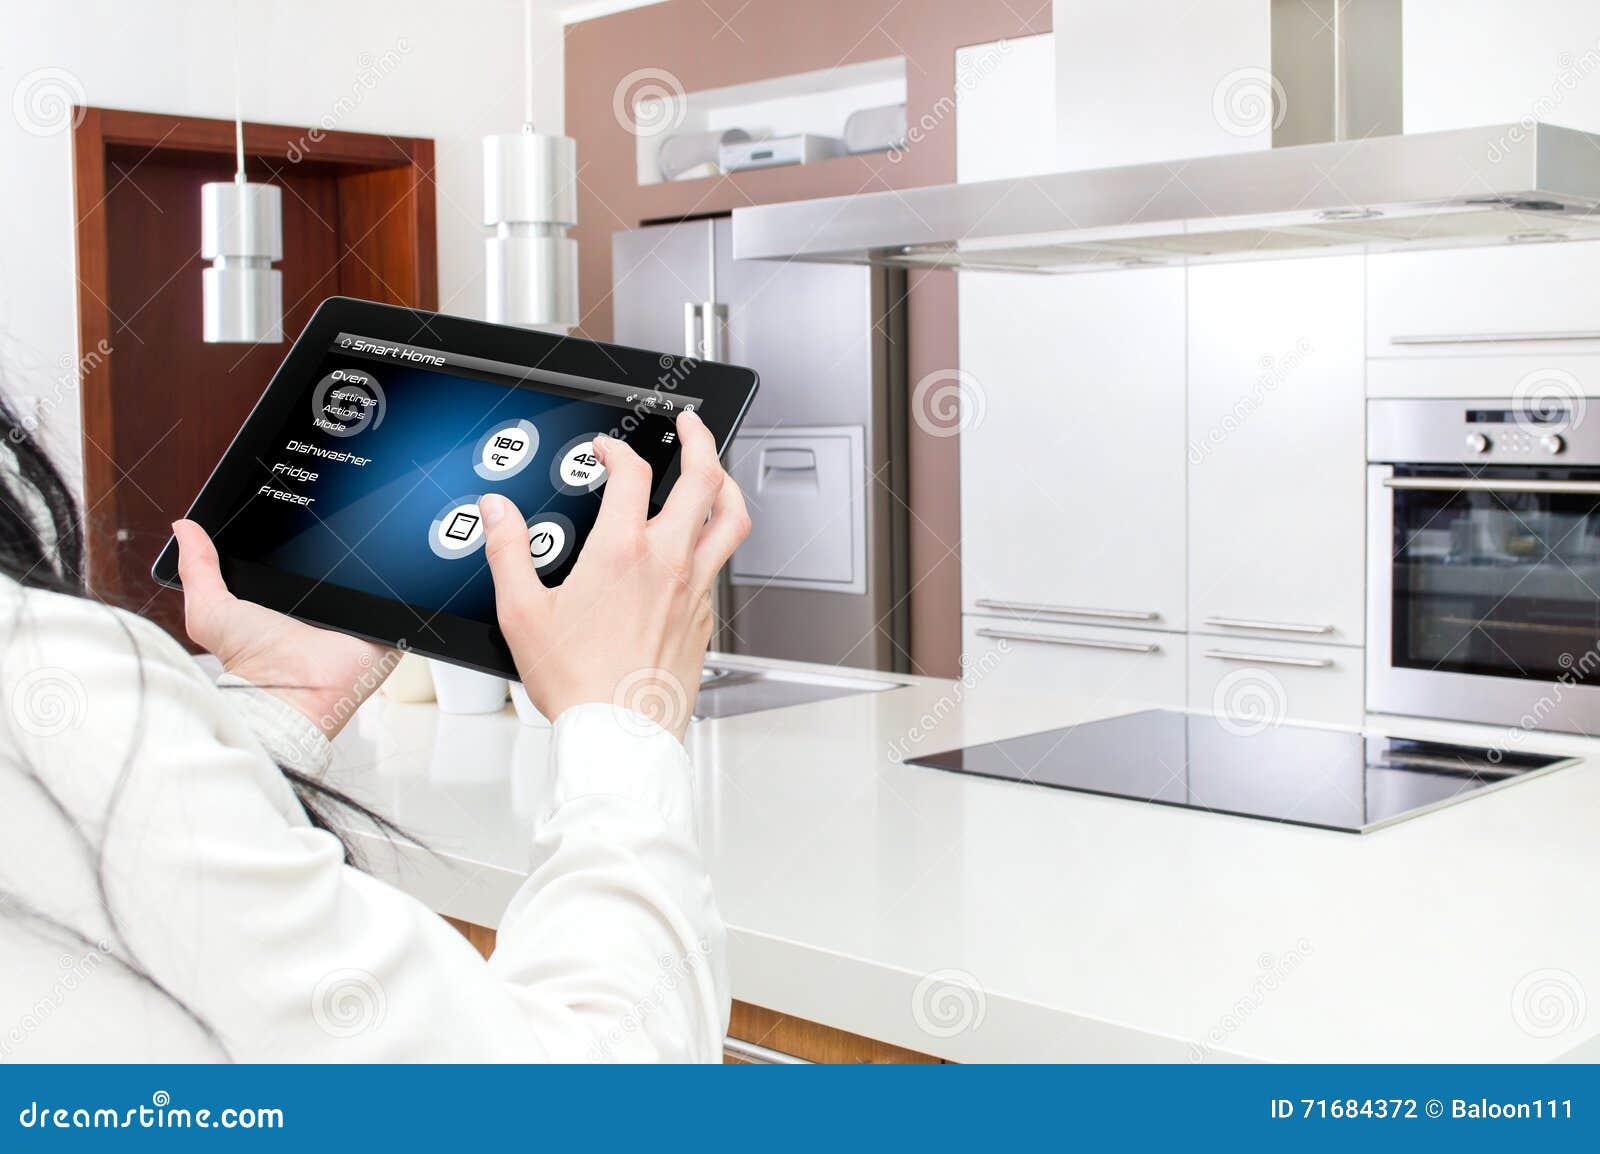 Conception De Cuisine Futee Commandee Par Application De Comprime